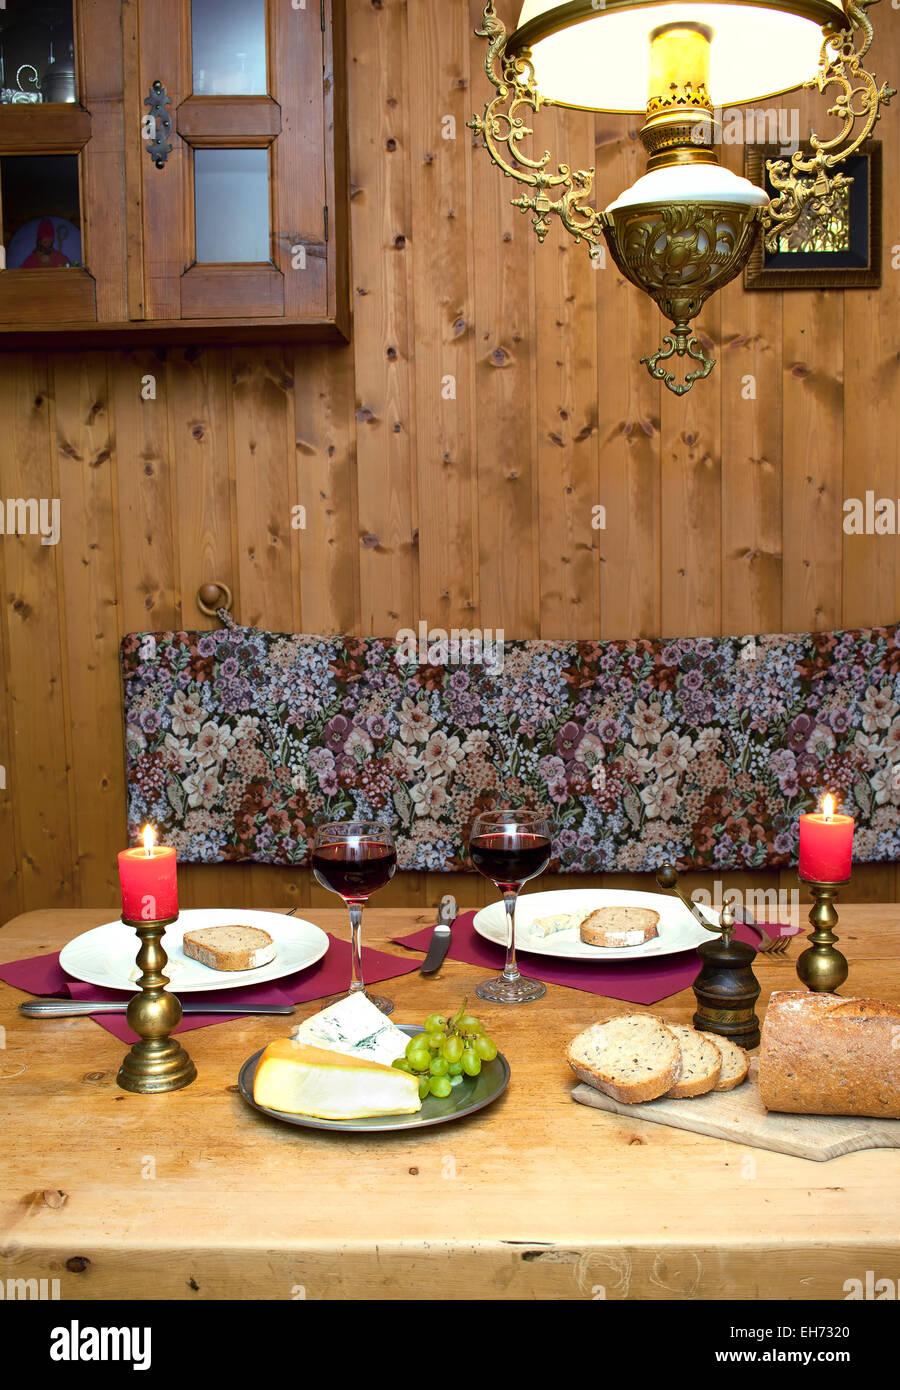 Intime Dinner Tischdekoration Mit Kerzen Und Wein Serviert In Einer Romantischen Berghutte In Den Alpen Stockfotografie Alamy